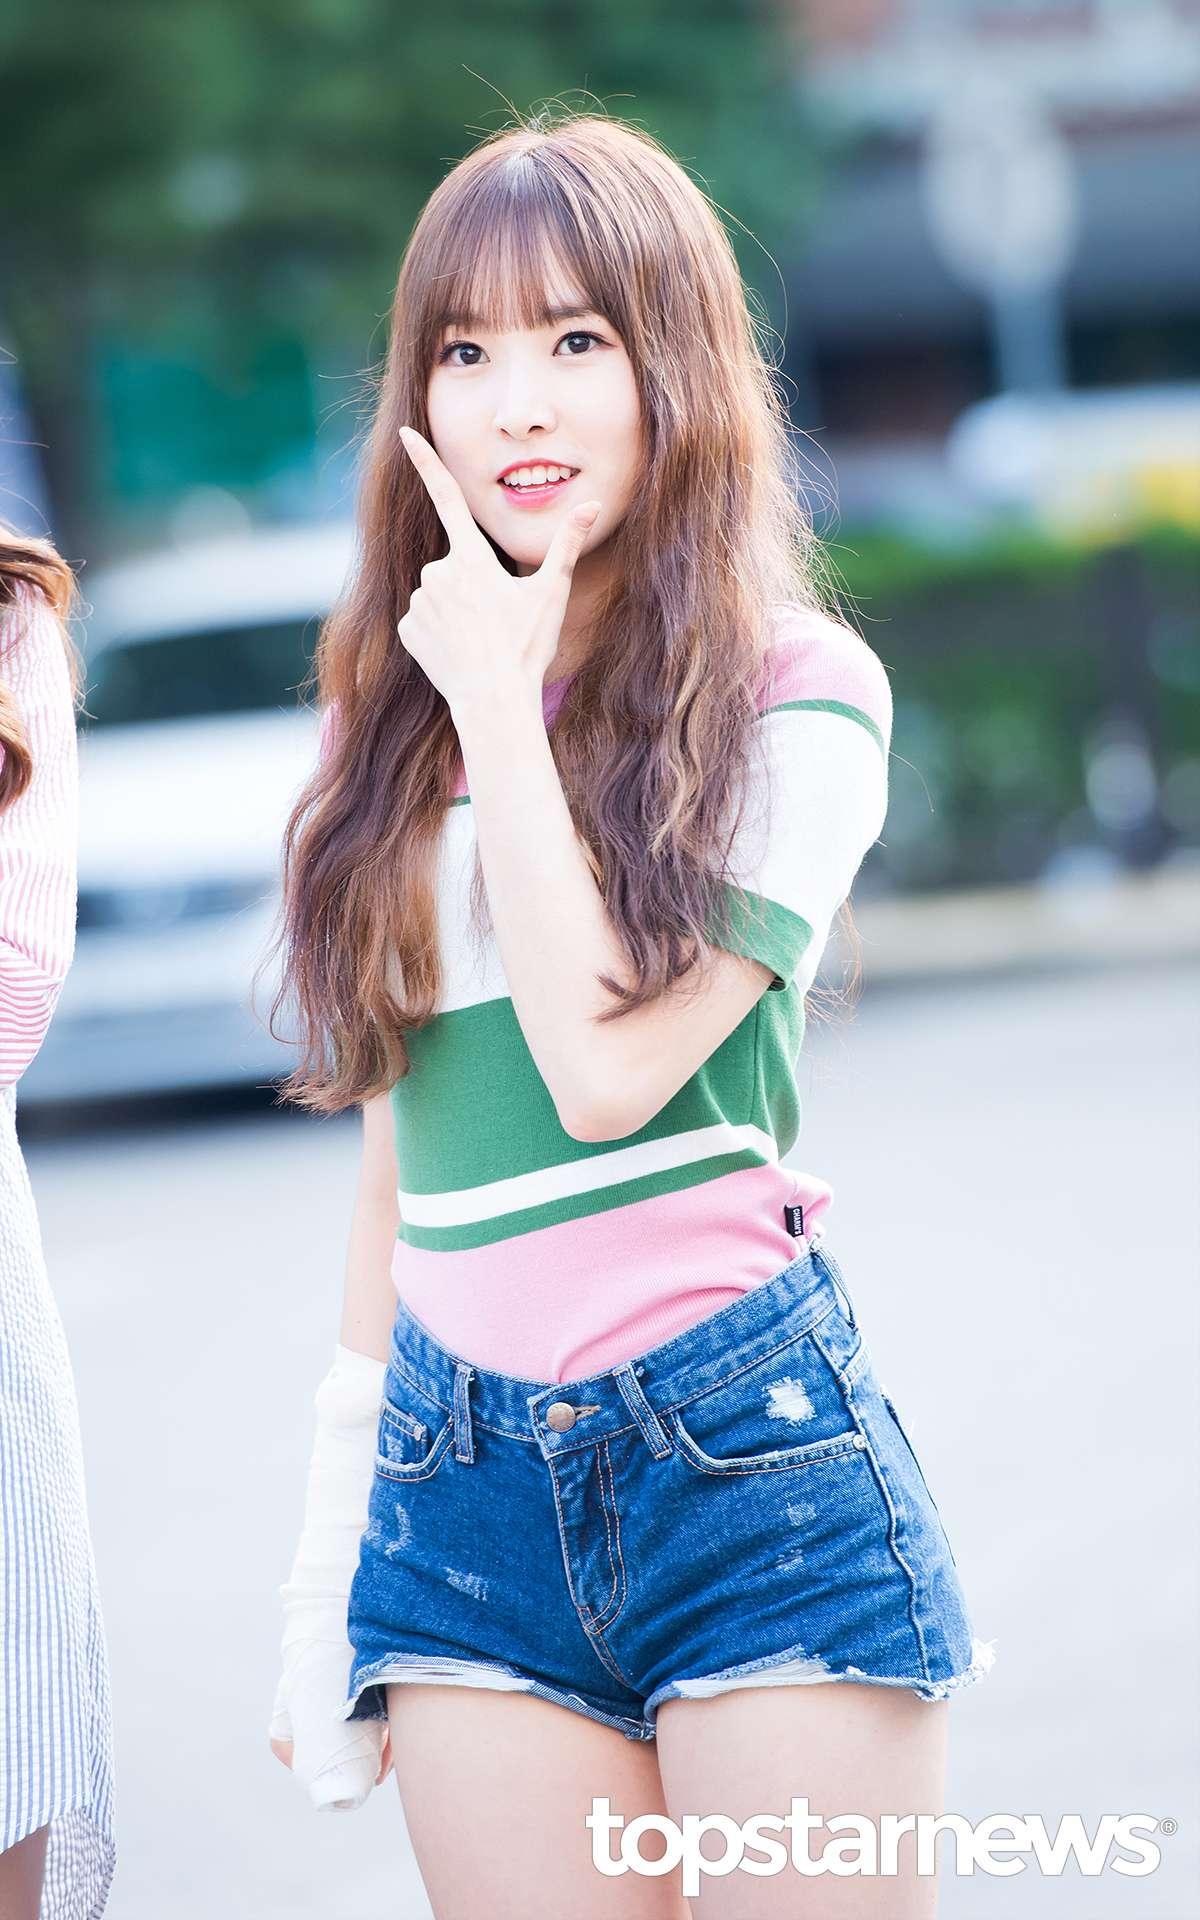 首先也還是Yuju,她最近手受傷了,包好大包感覺很嚴重QQQ